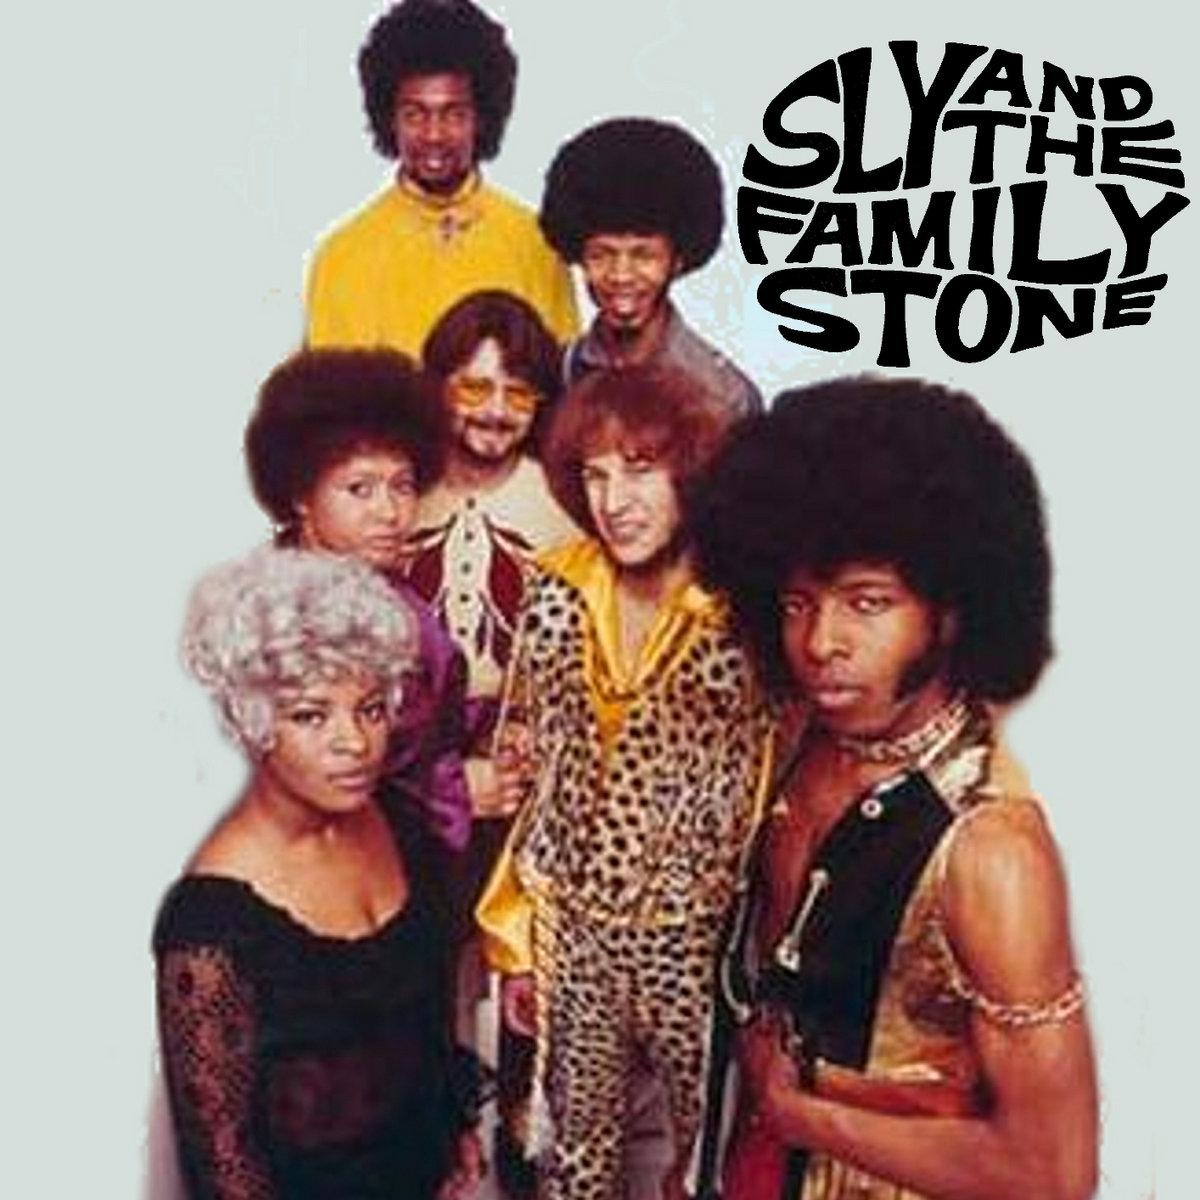 Képtalálatok a következőre: Sly and The Family Stone pic